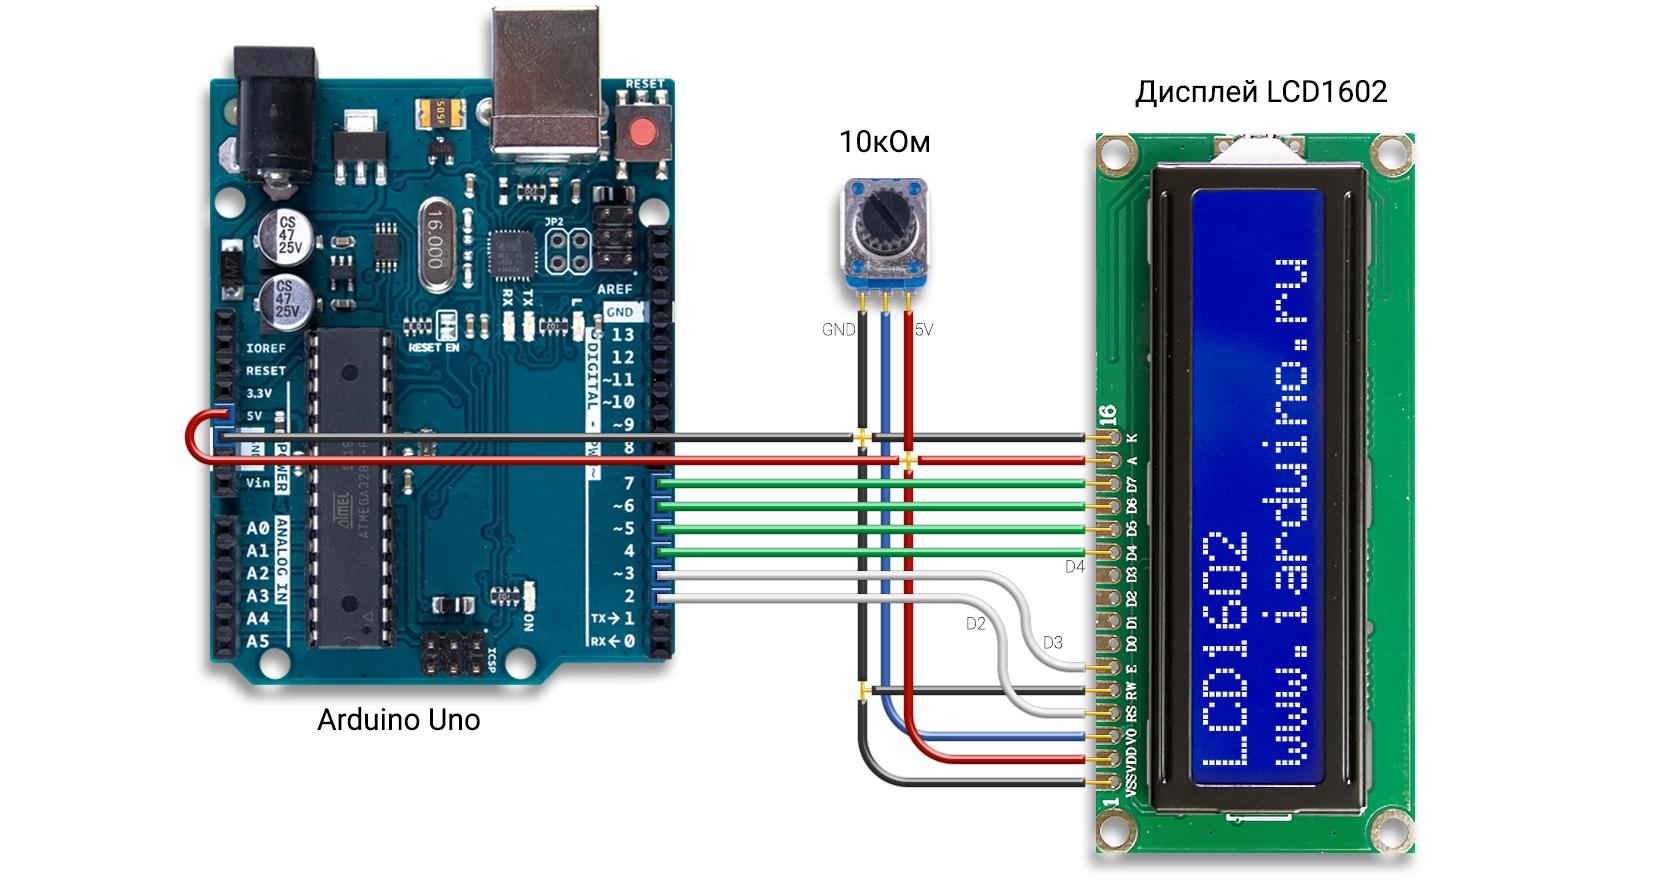 Подключение дисплея LCD1602 к Arduino